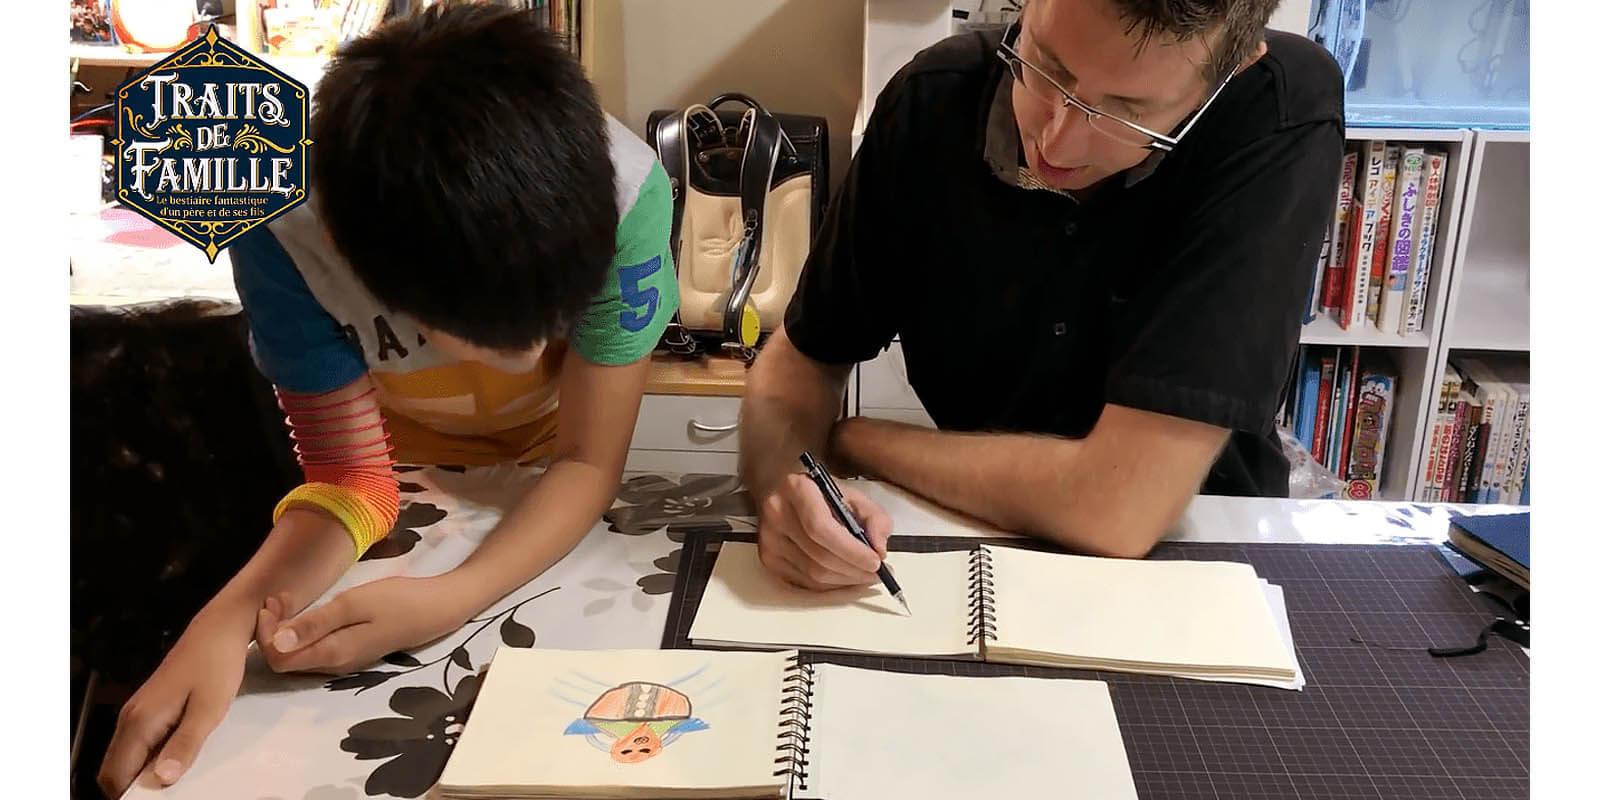 Thomas Romain re-creating his son's drawing.